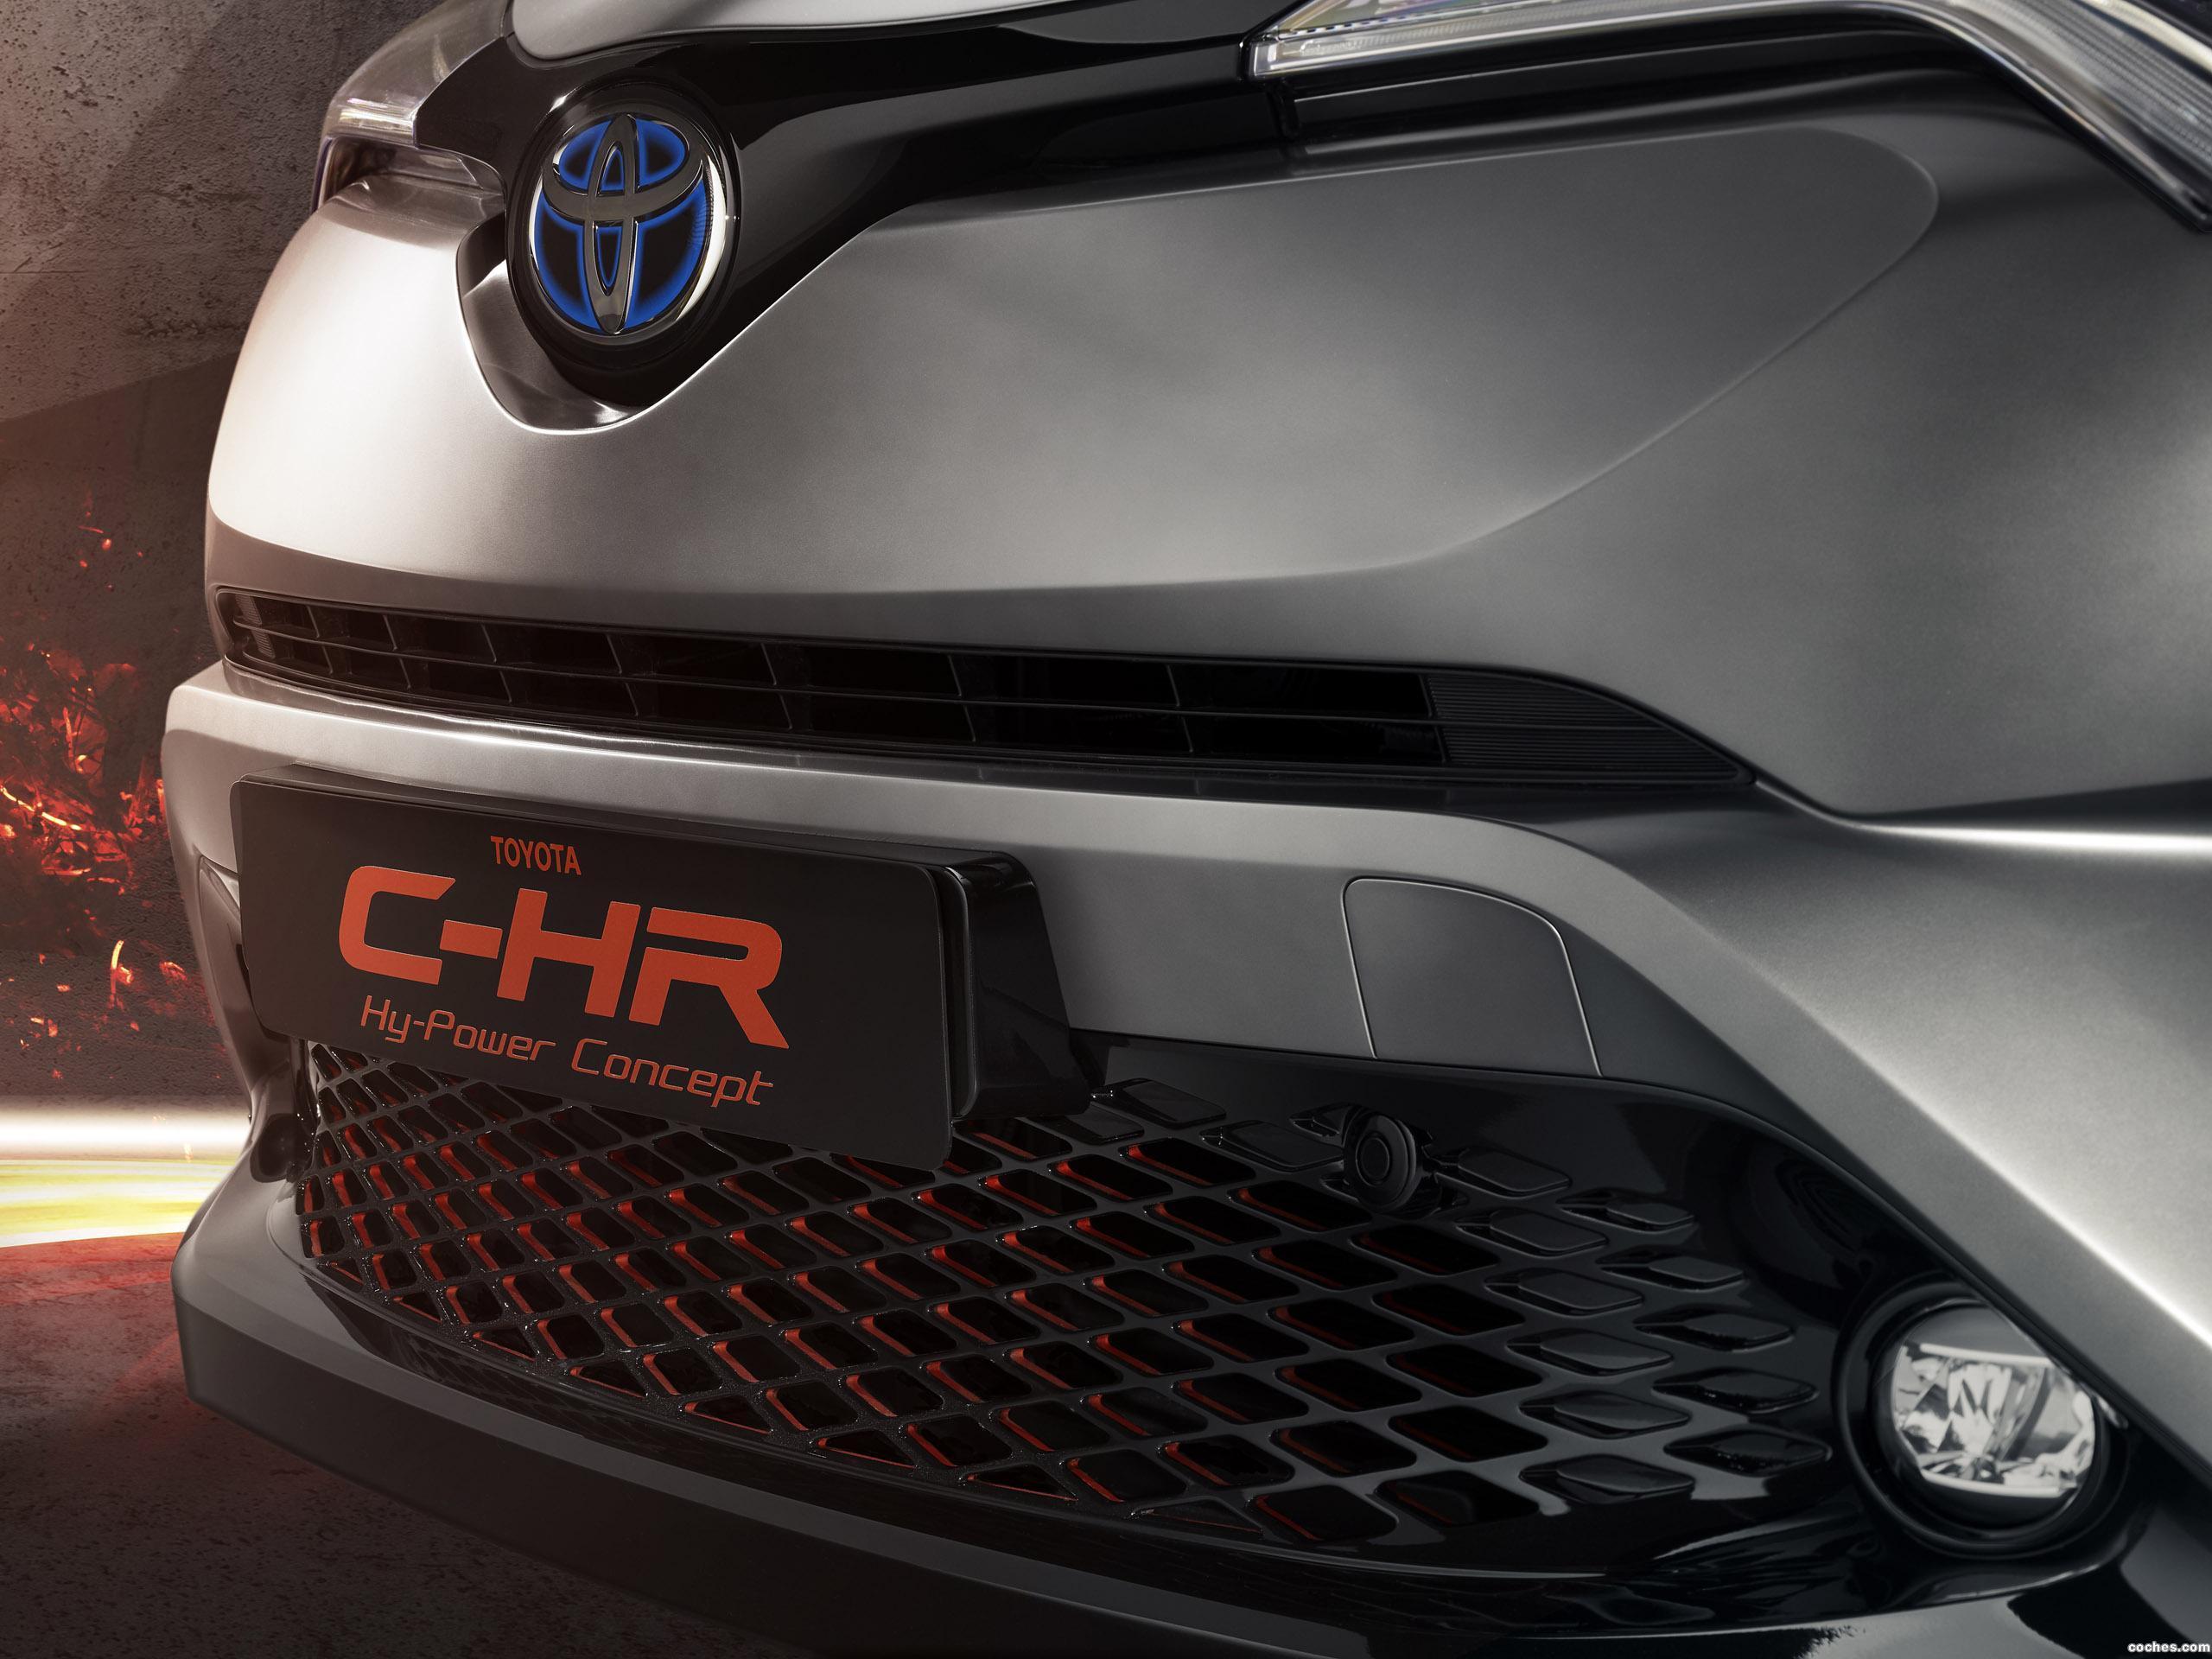 Foto 14 de Toyota C-HR Hy Power Concept  2017